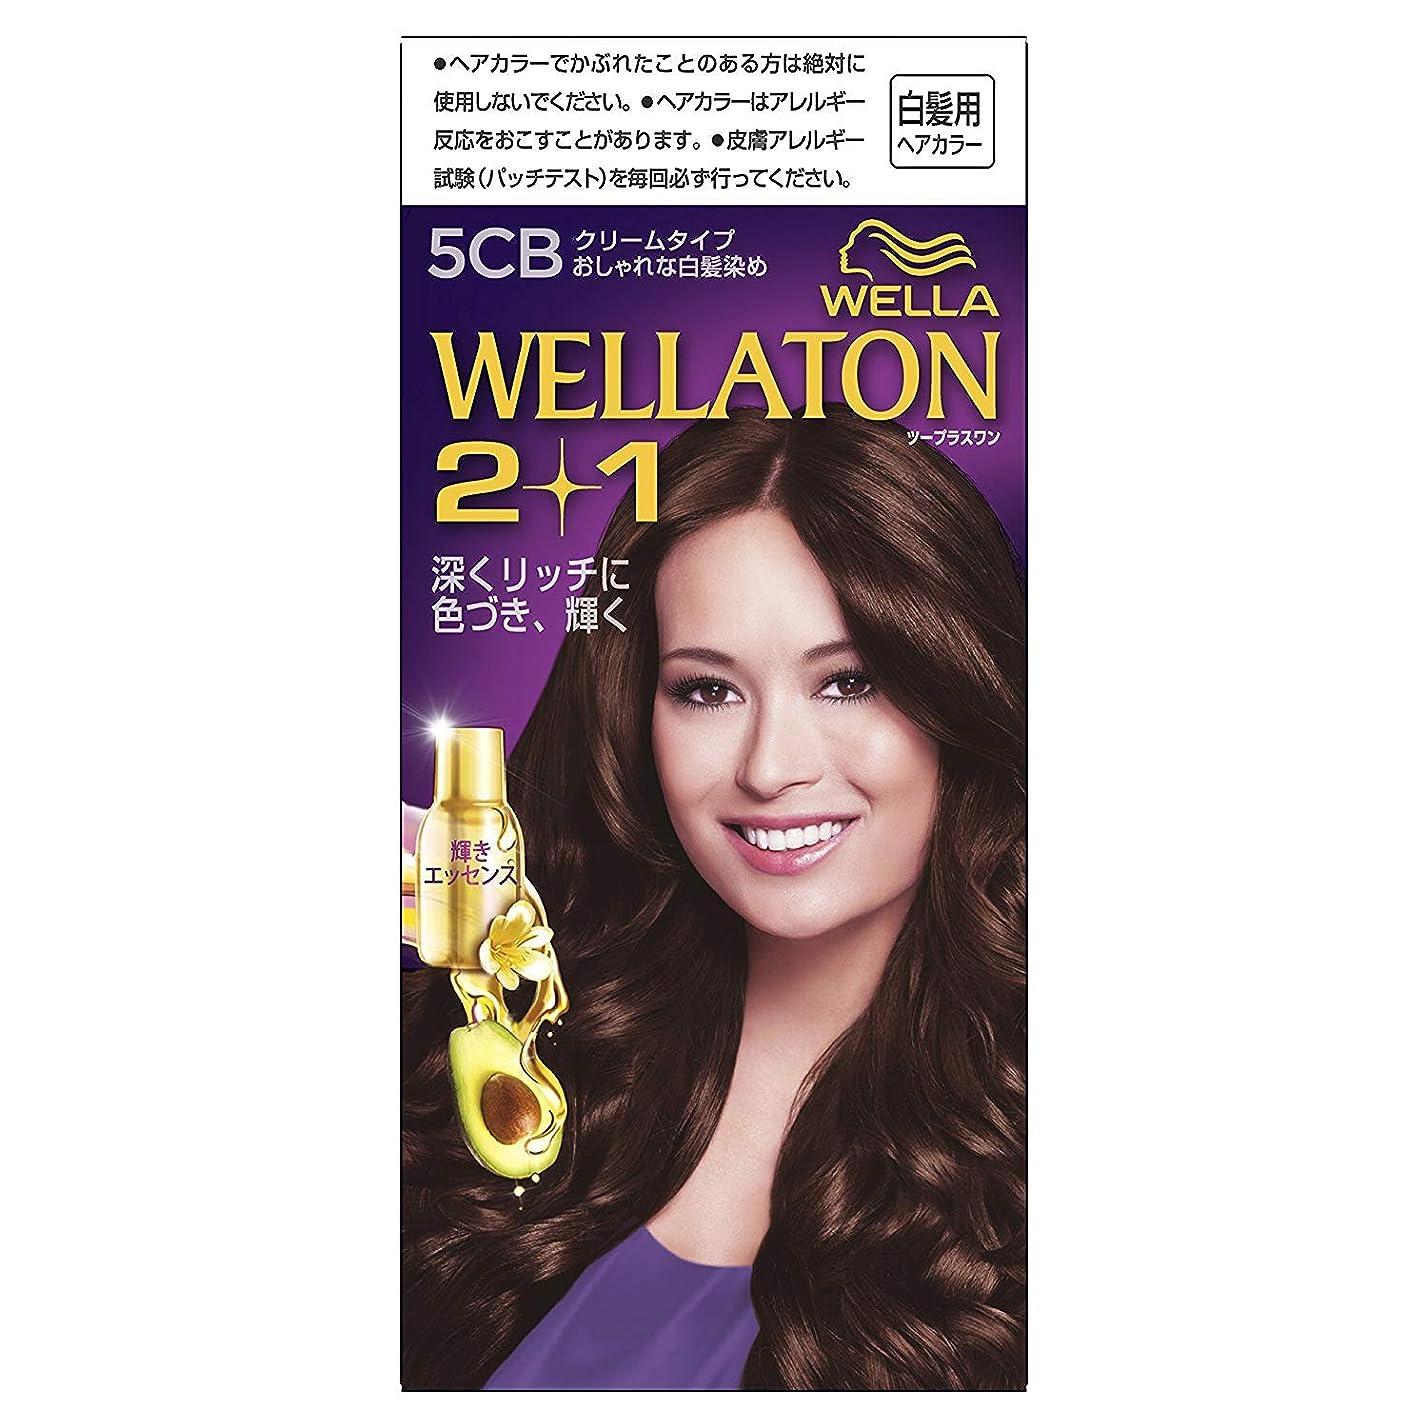 承認頑張る秘書ウエラトーン2+1 白髪染め クリームタイプ 5CB [医薬部外品] ×6個